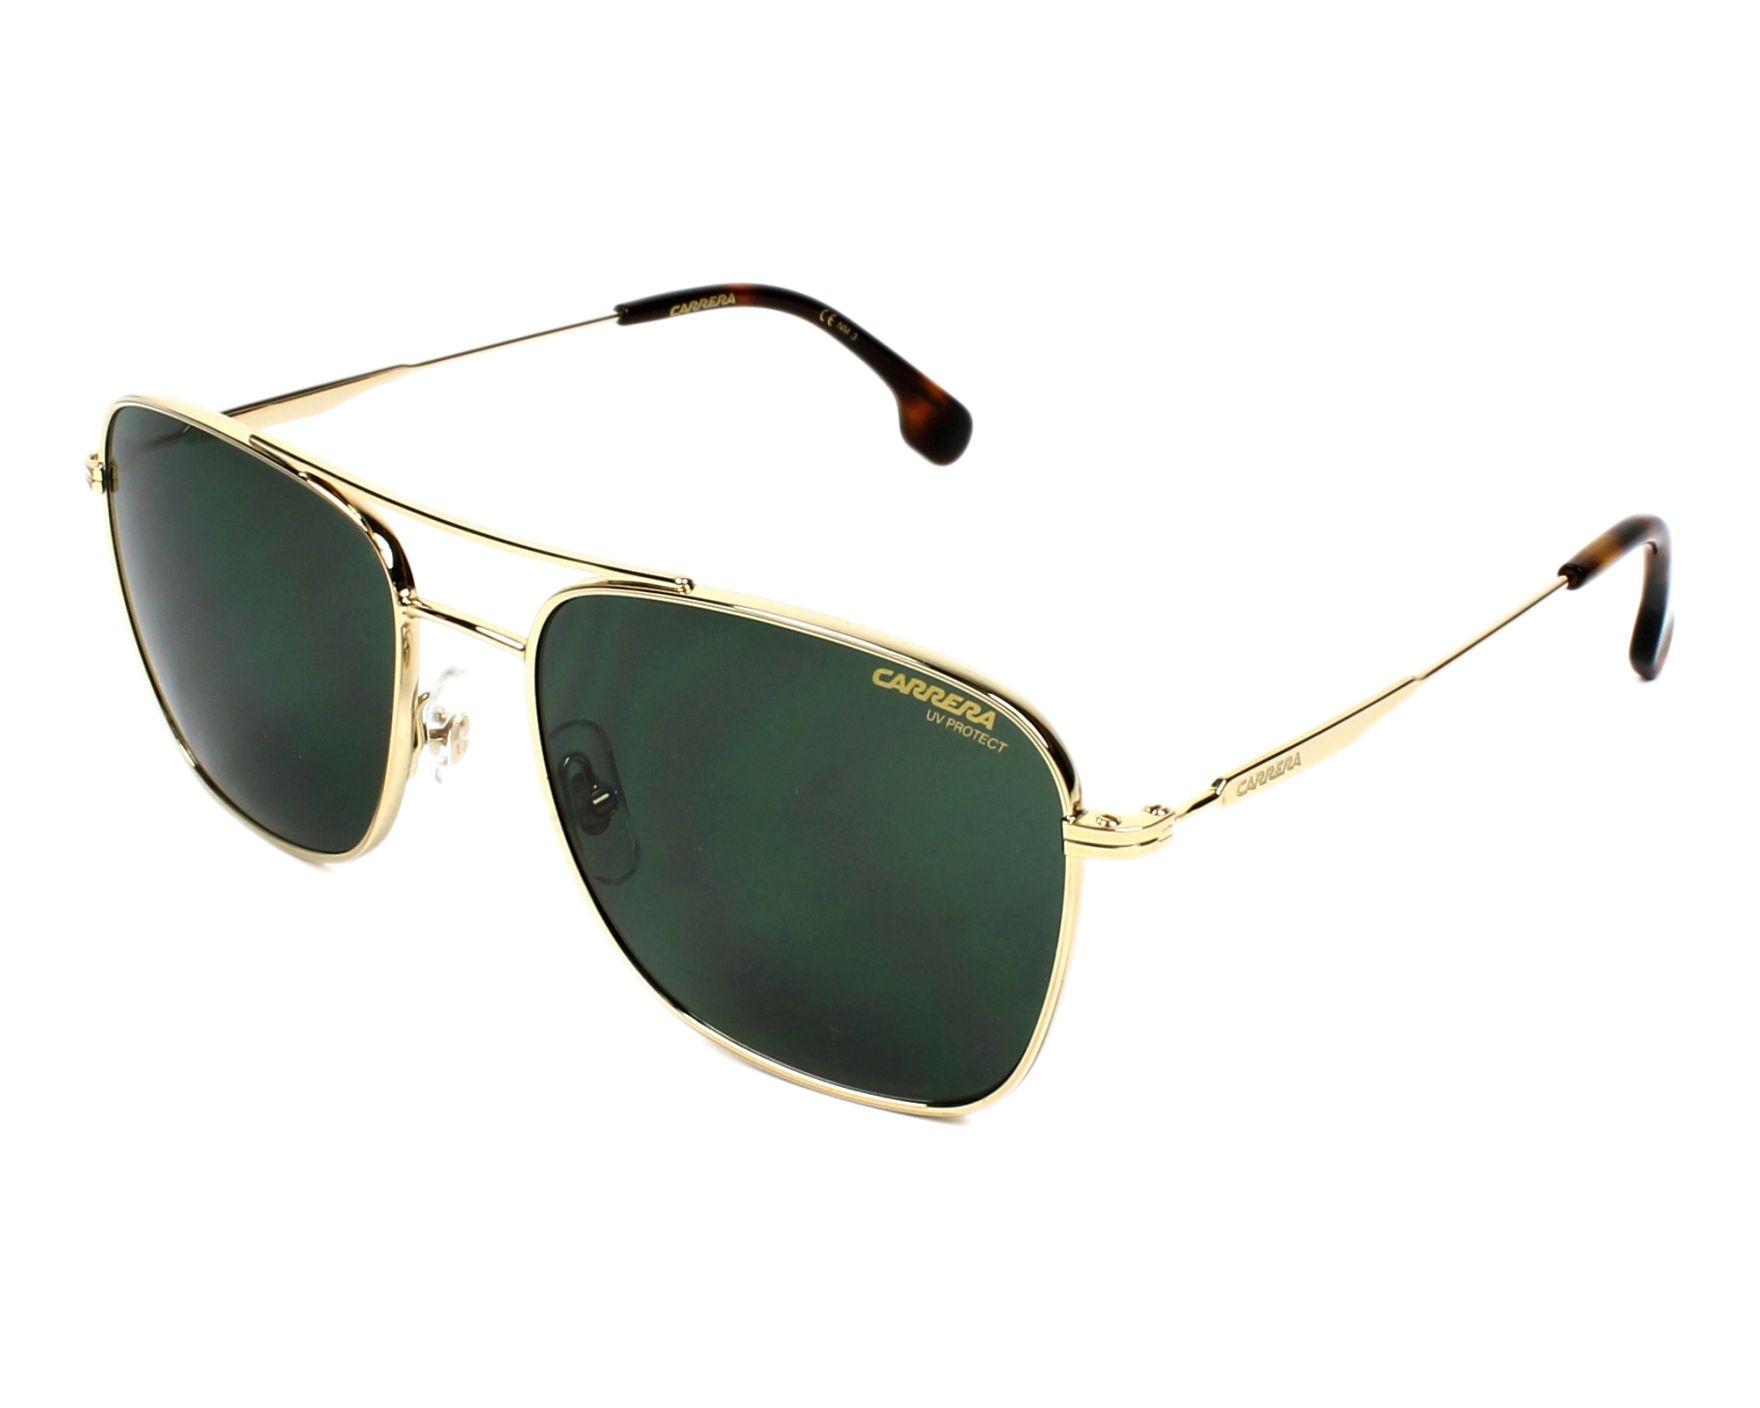 Carrera 130/S J5G/QT 58 gold / green E8Se9frQbl